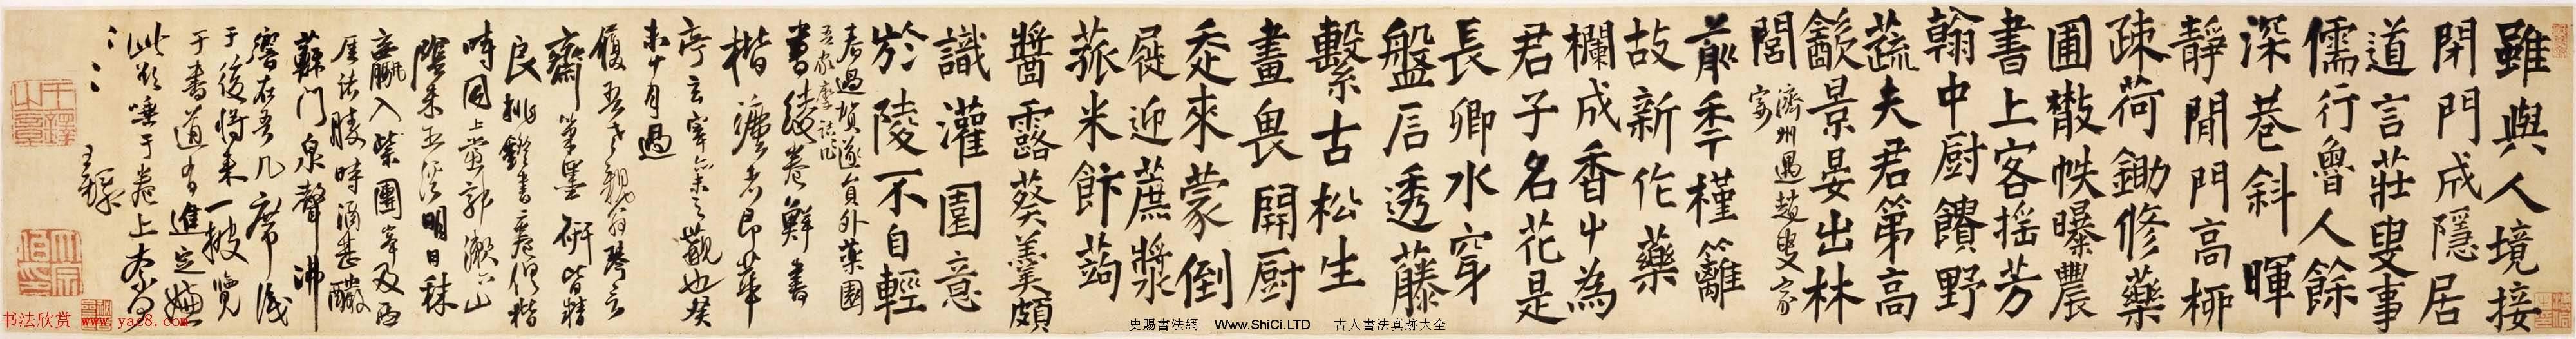 王鐸行楷書法手卷賞析字帖《王維詩卷》(共11張圖片)